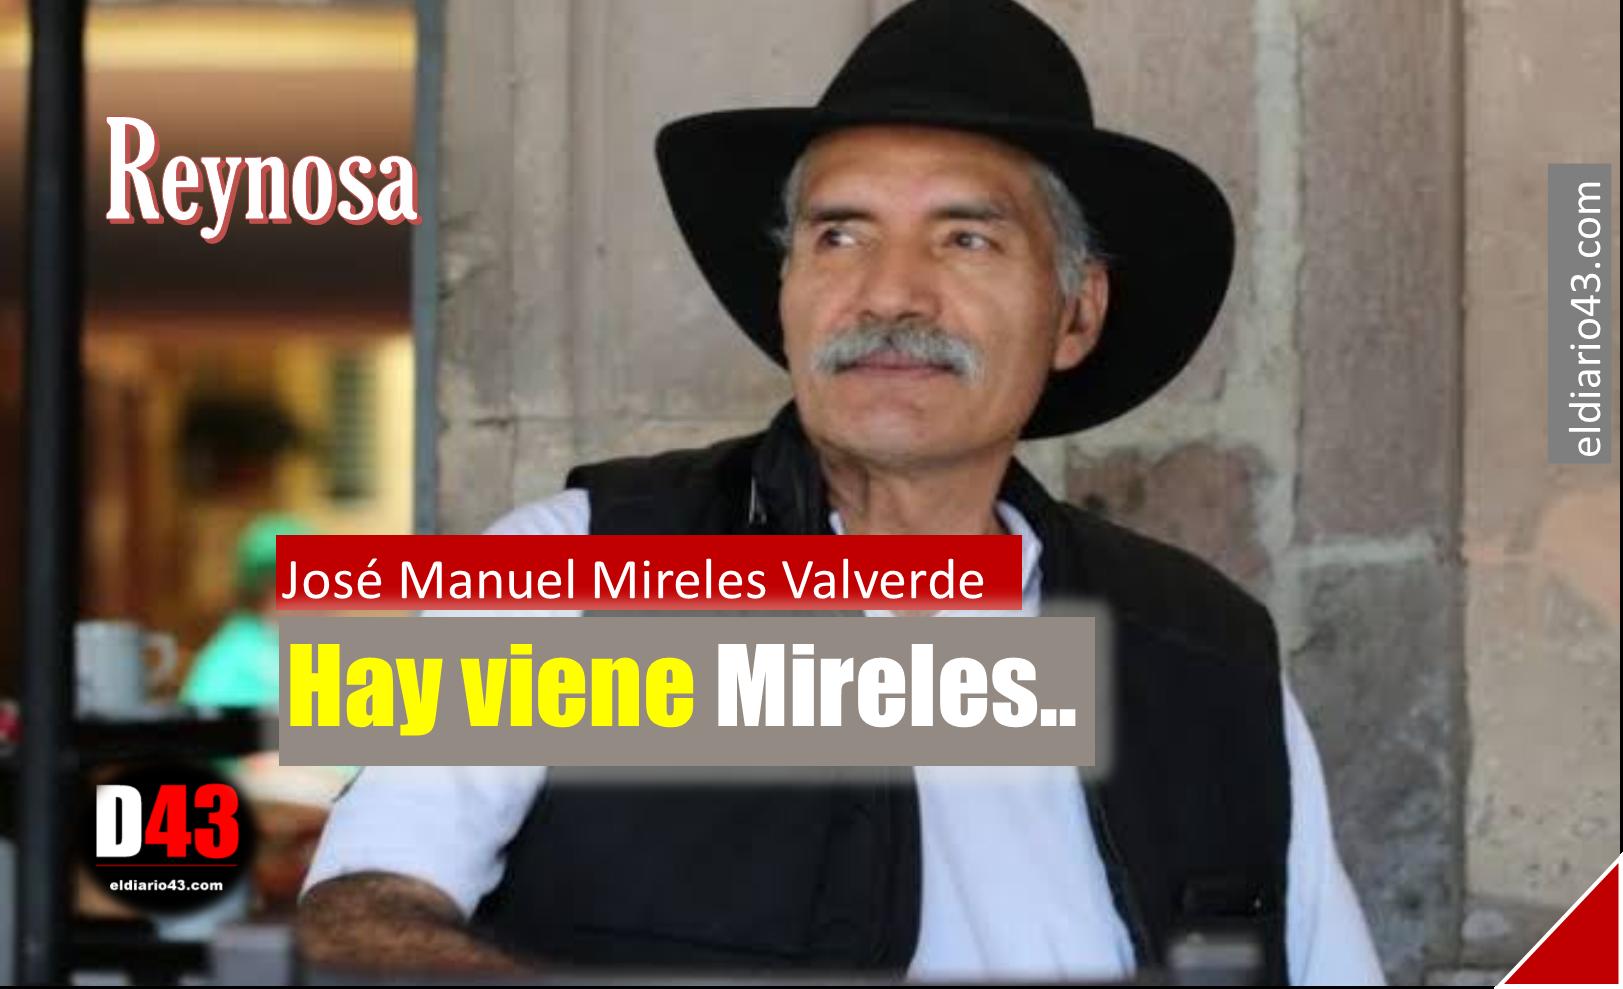 Viene a Reynosa, El exlíder de autodefensas …